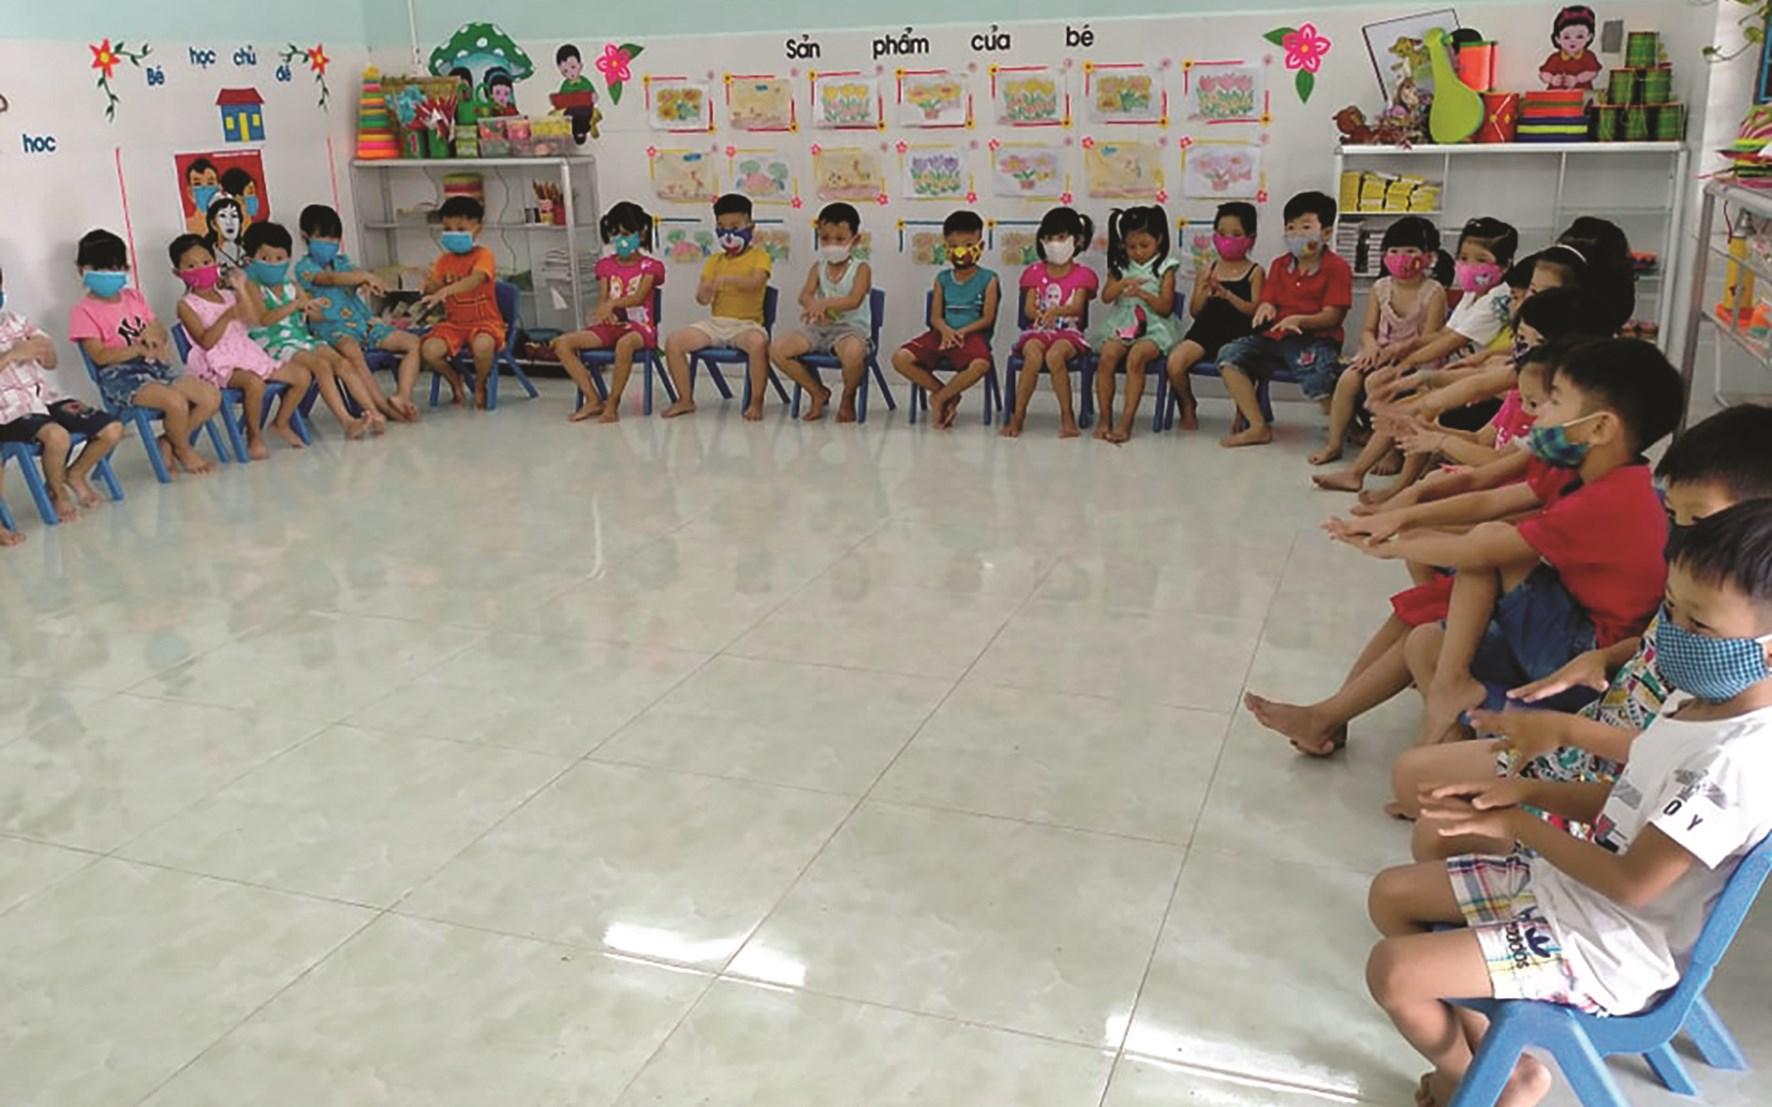 Các bé mẫu giáo được cô giáo hướng dẫn cách đeo khẩu trang đúng cách